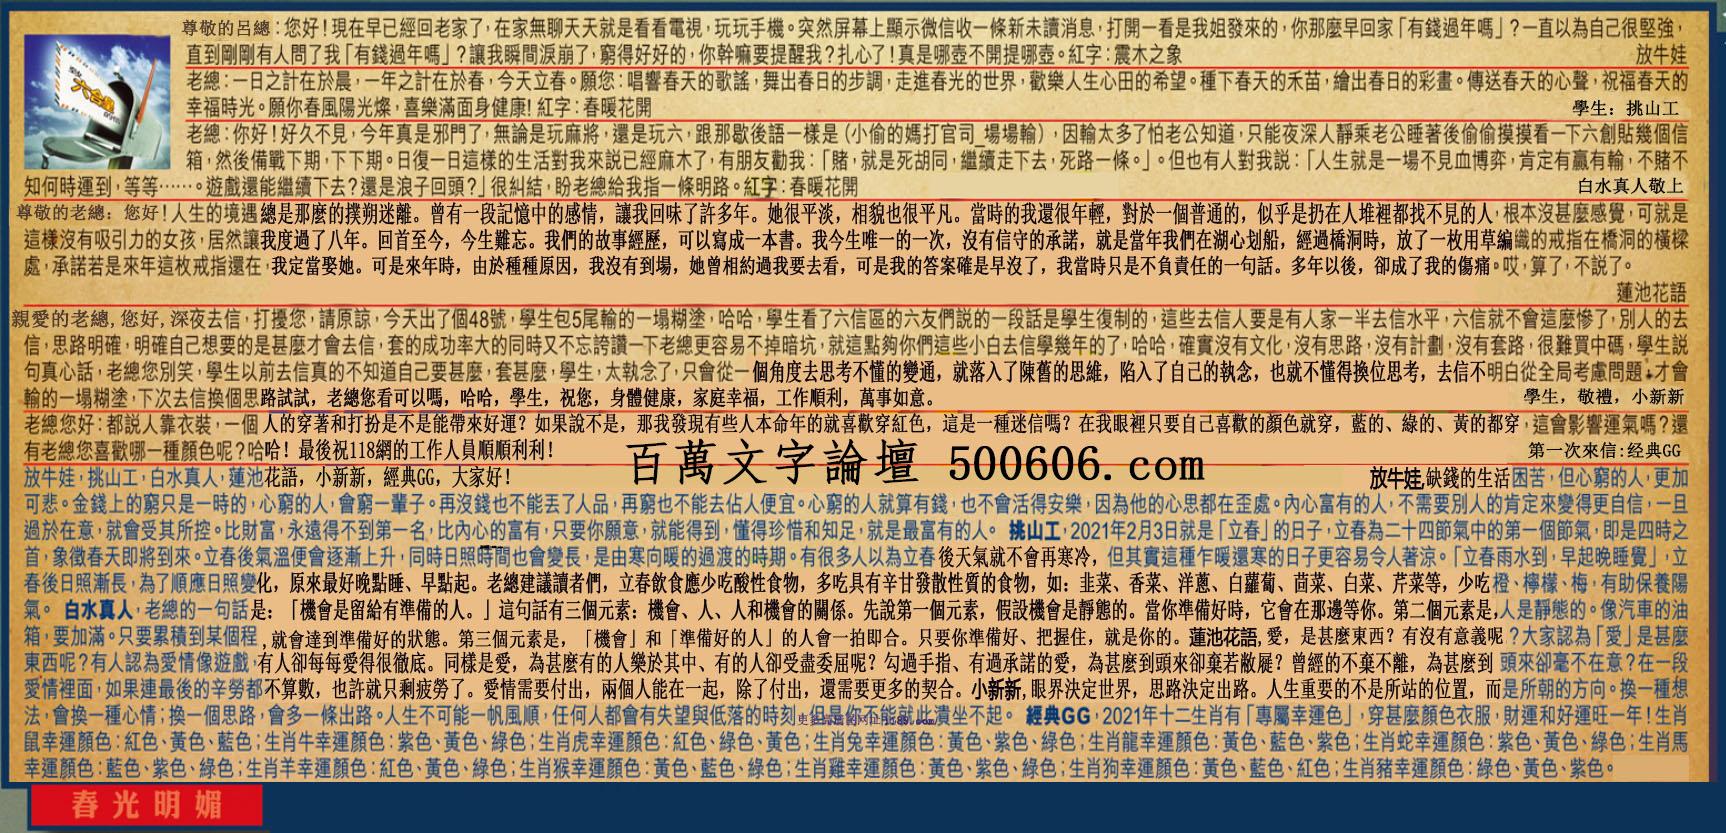 012期:彩民推荐六合皇信箱(�t字:春光明媚)_012期开奖结果:20-31-16-02-38-01-T07马/红/金